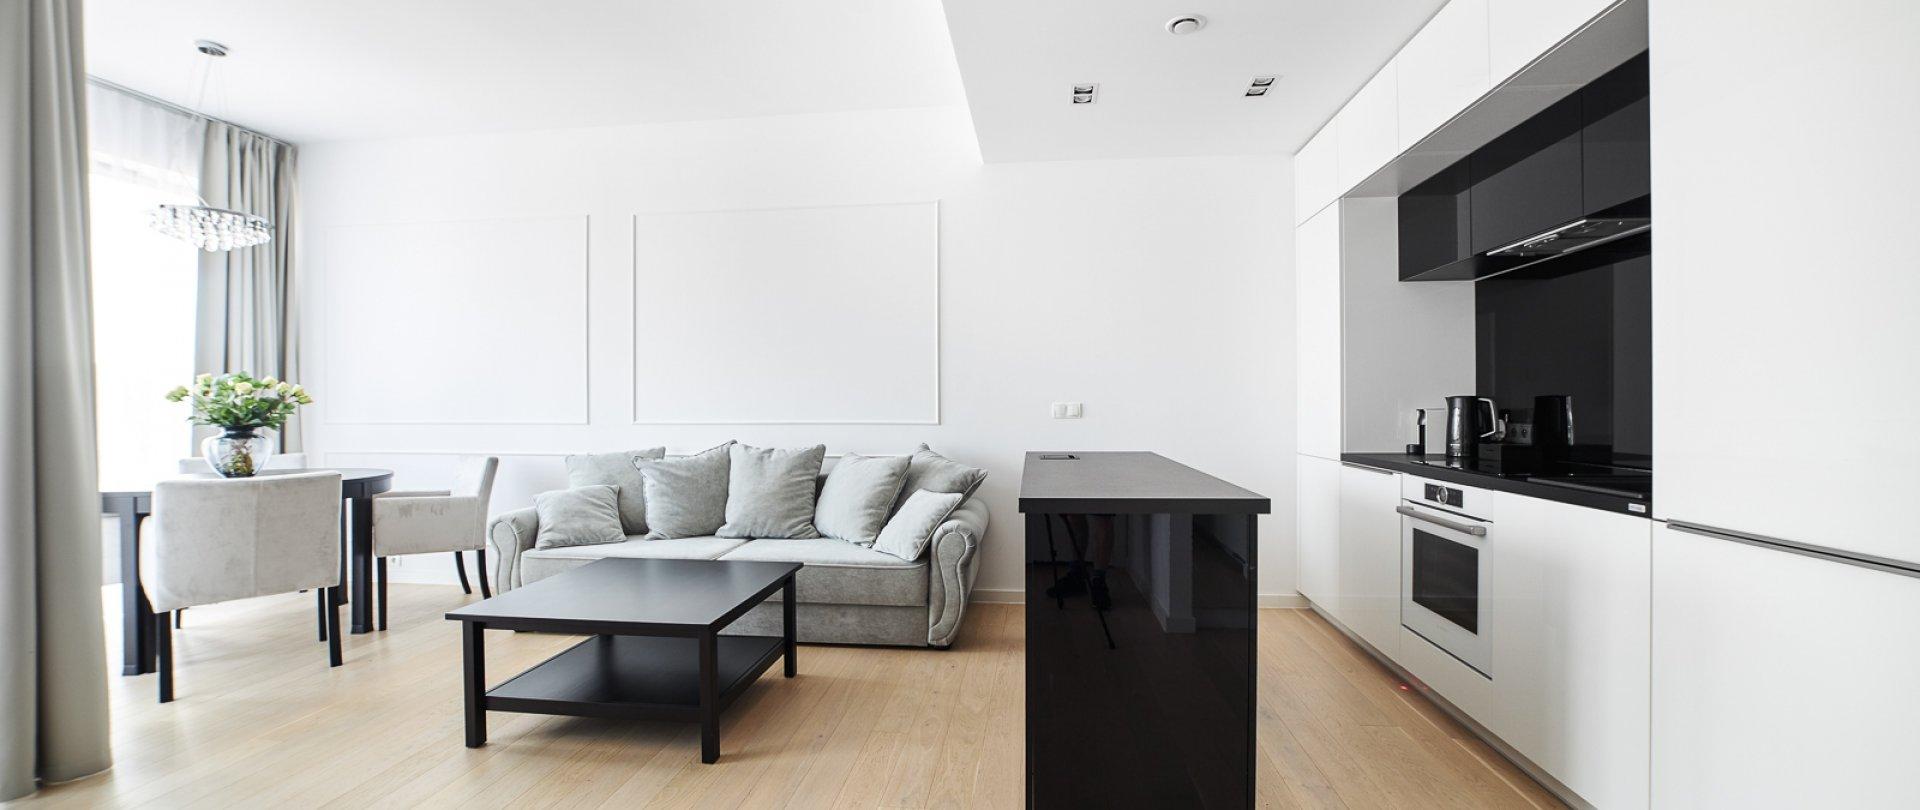 Vierbettzimmer Appartement Superior